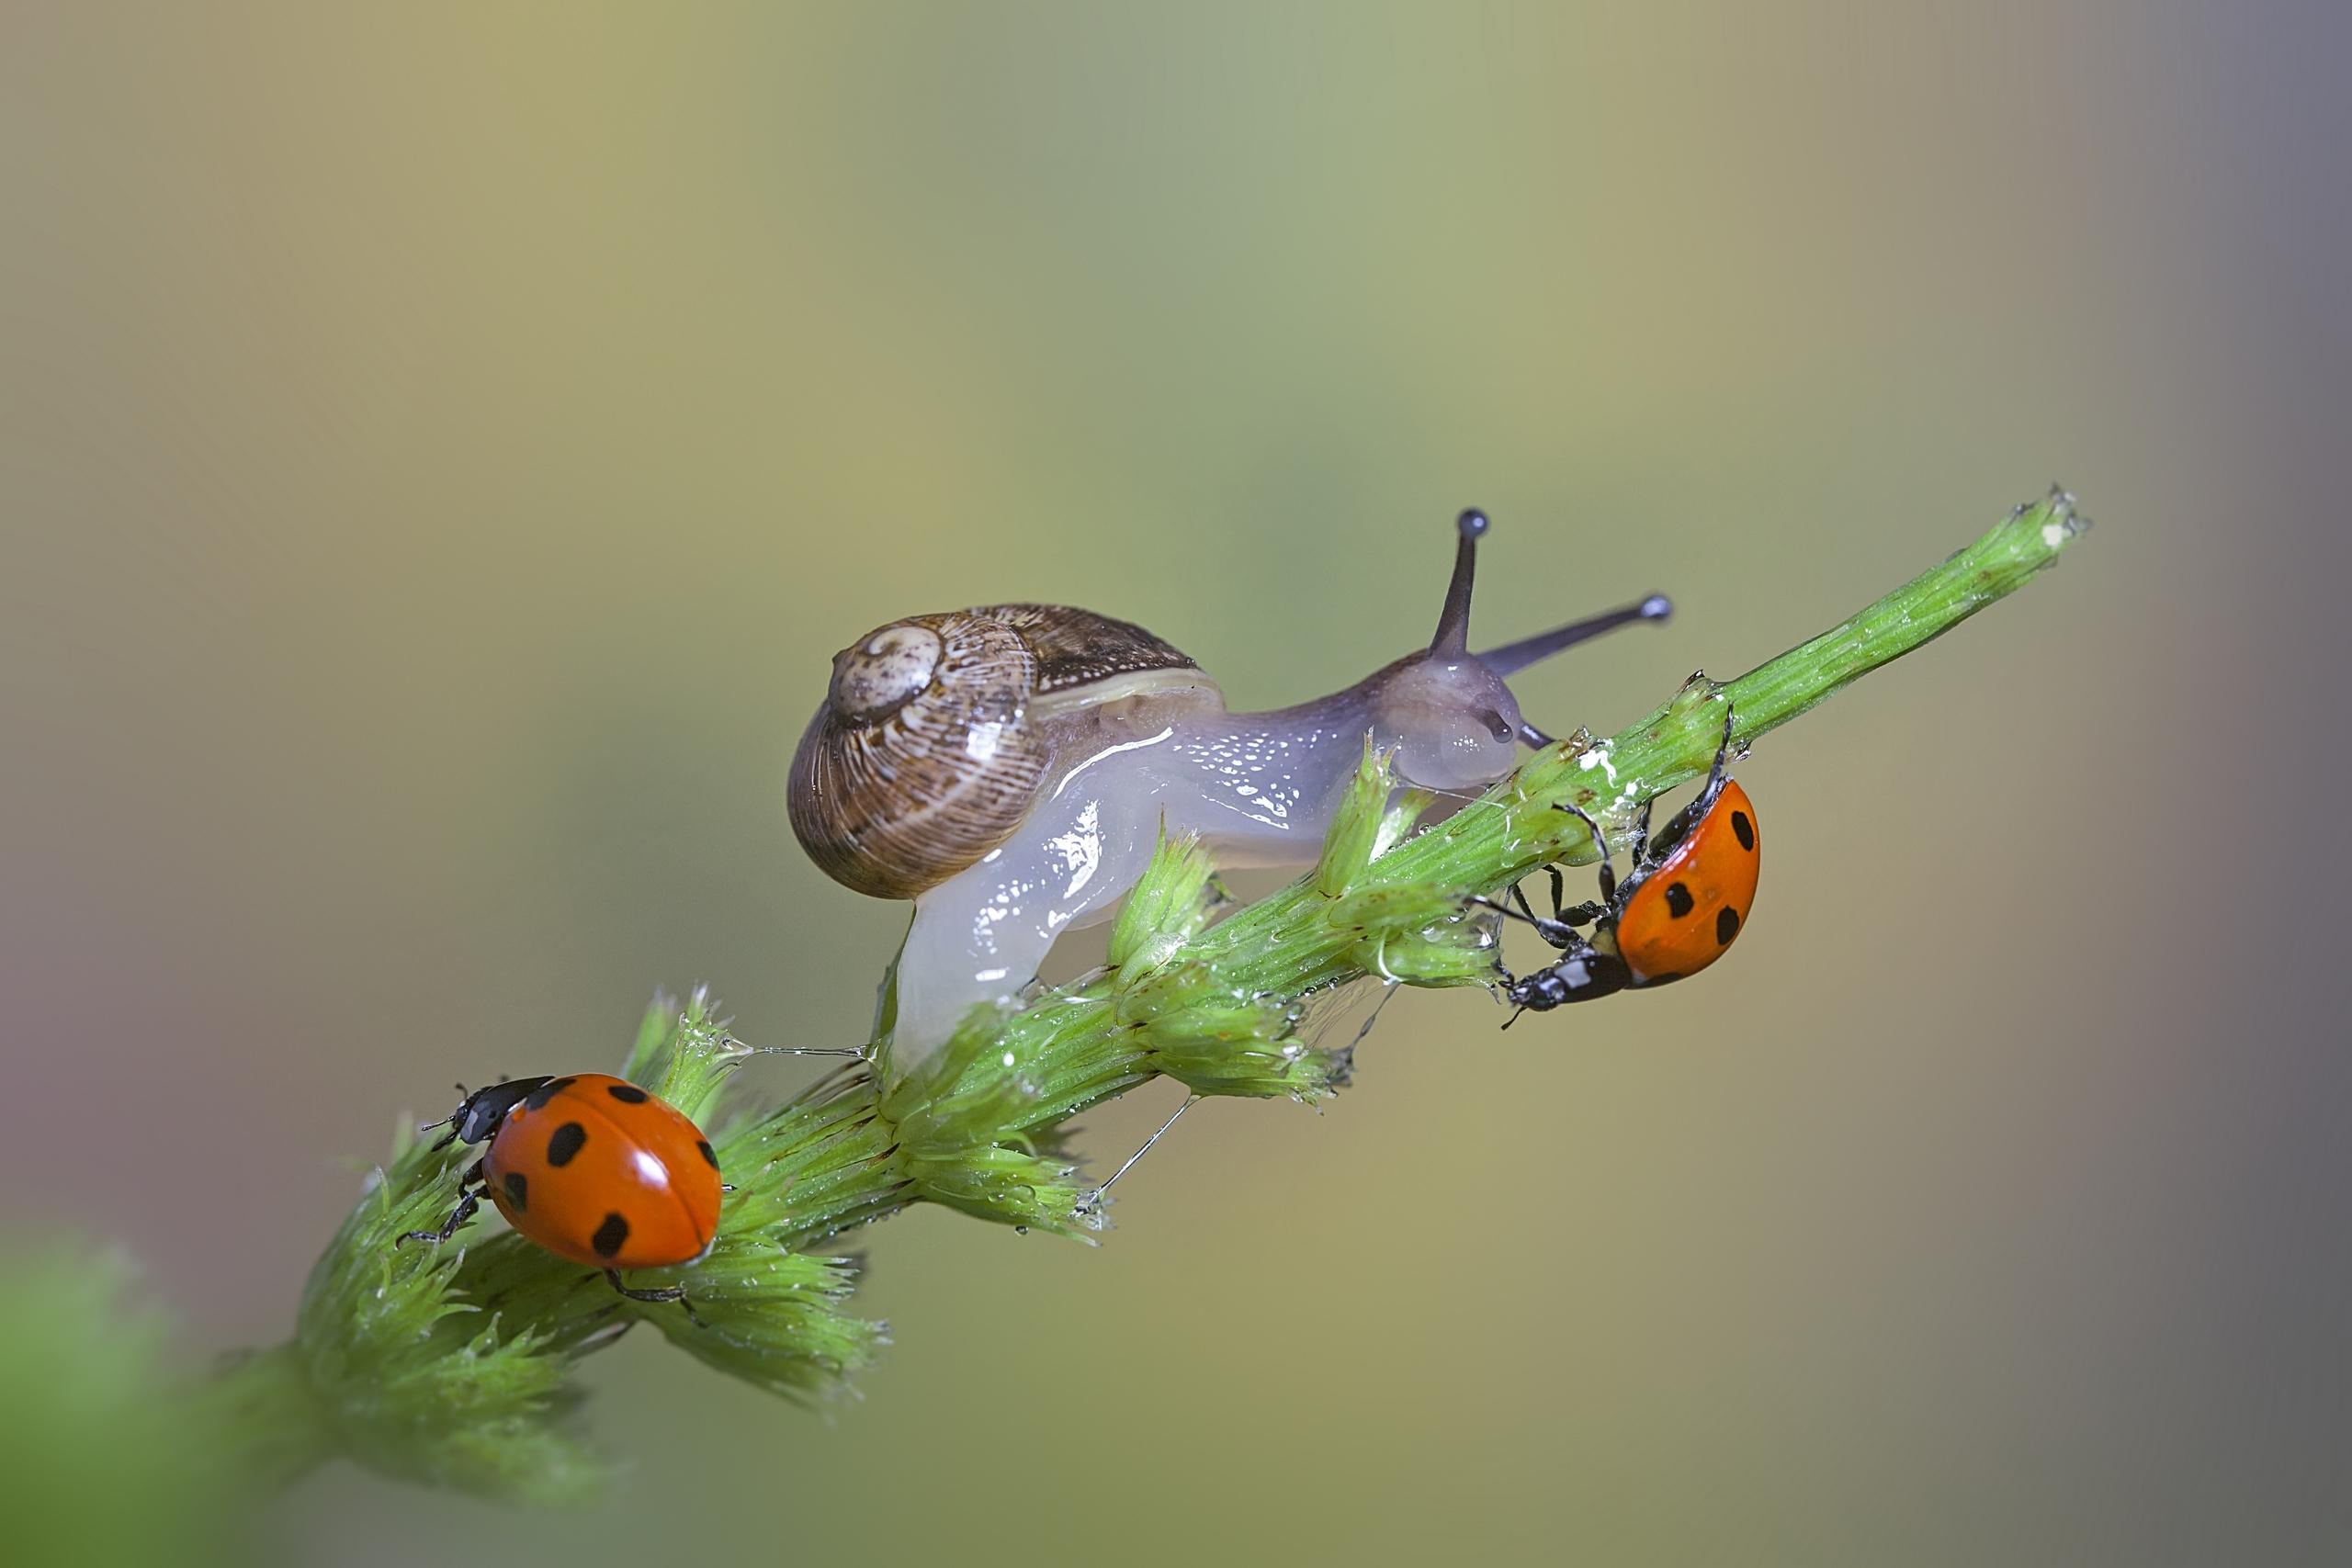 природа животные улитка загрузить